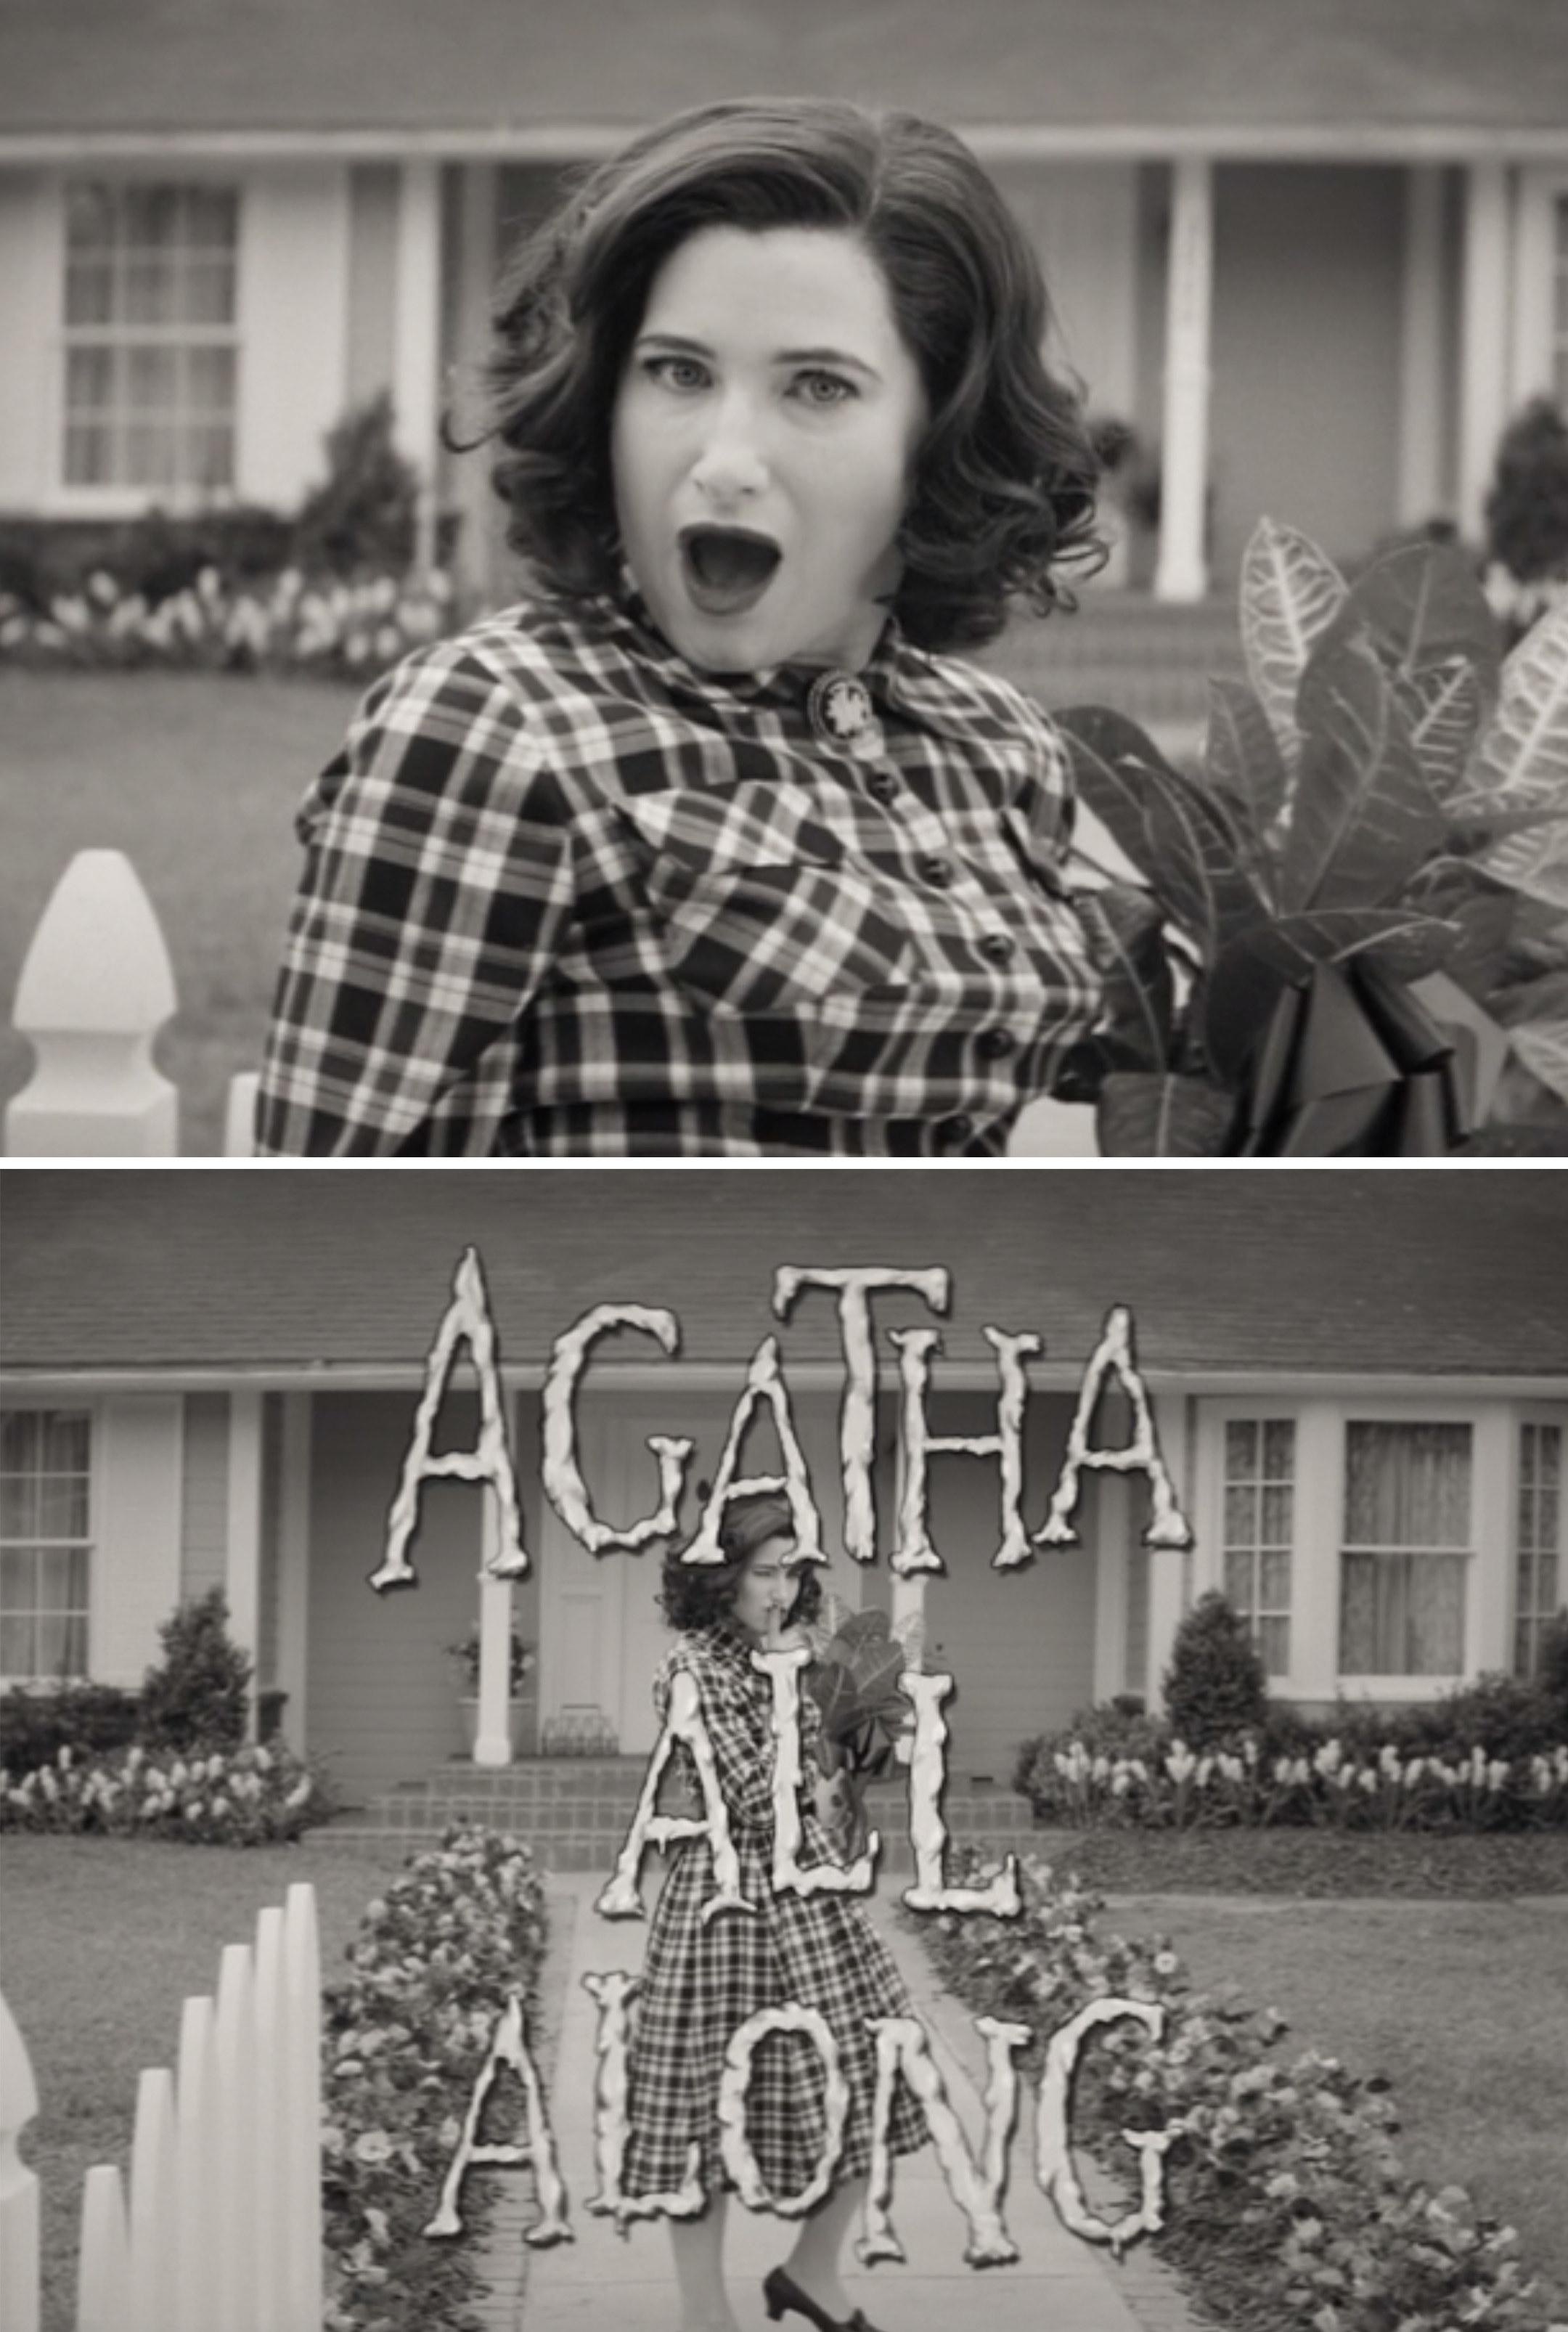 Agatha All Along title card